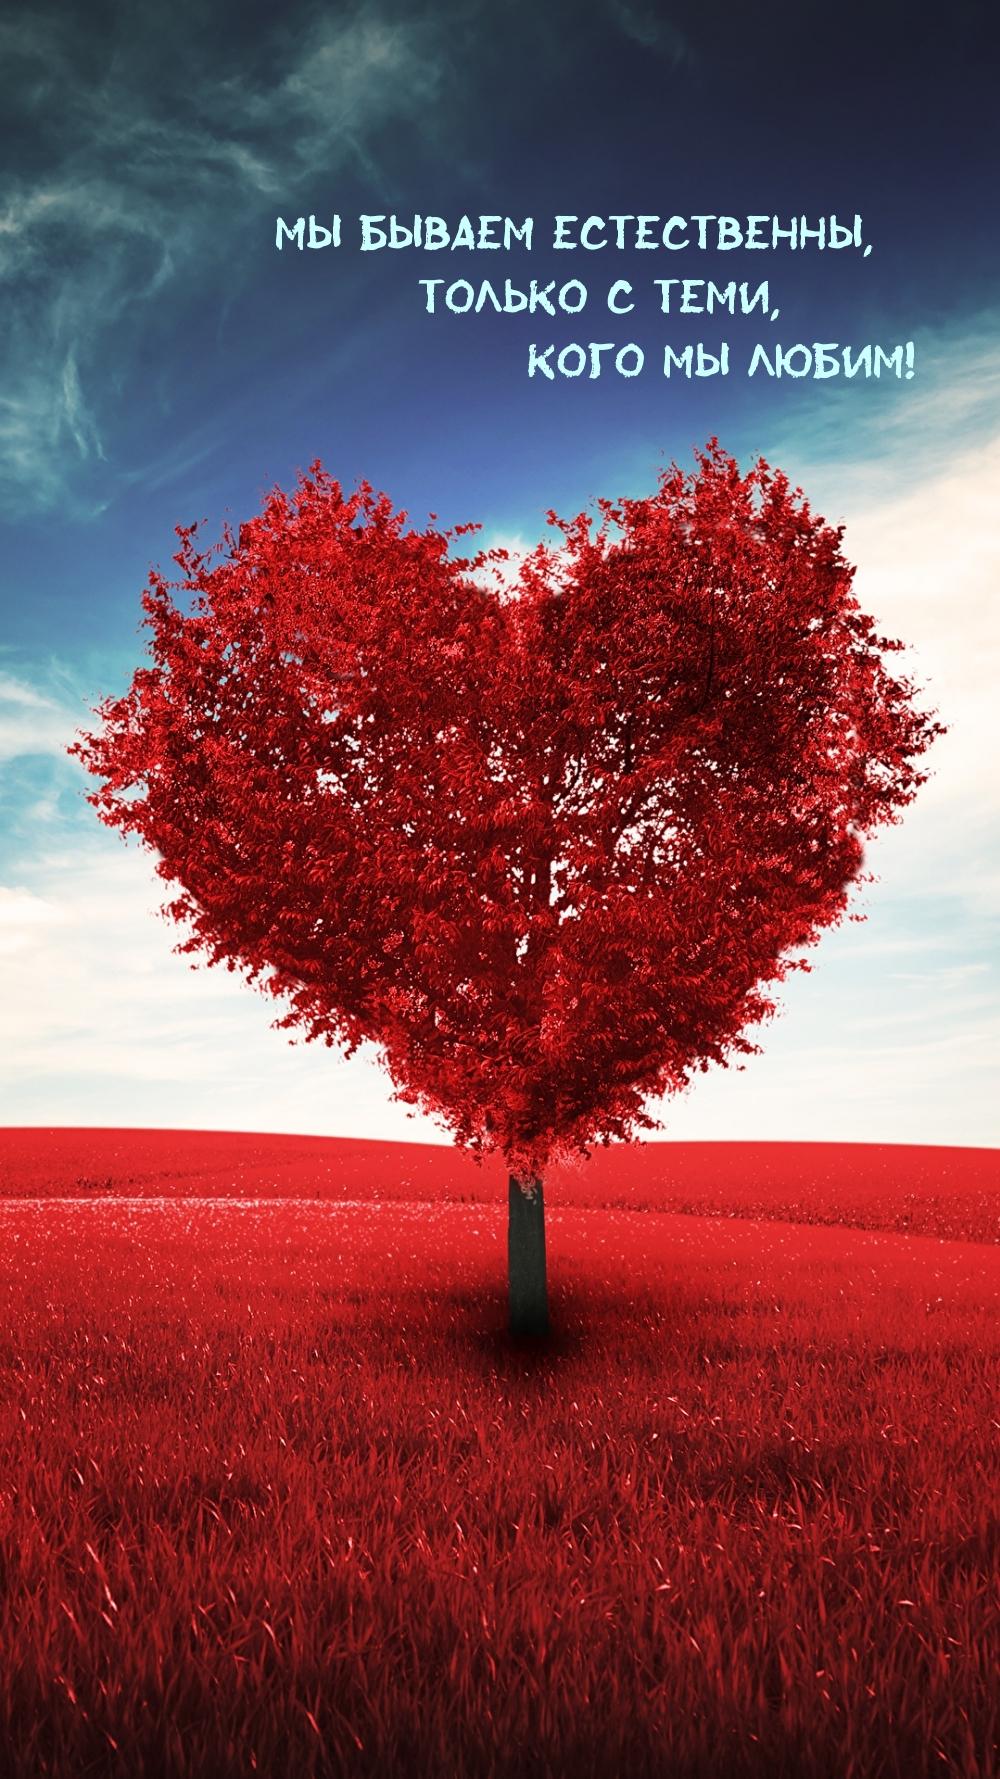 Мы бываем естественны только с теми, кого мы любим!.